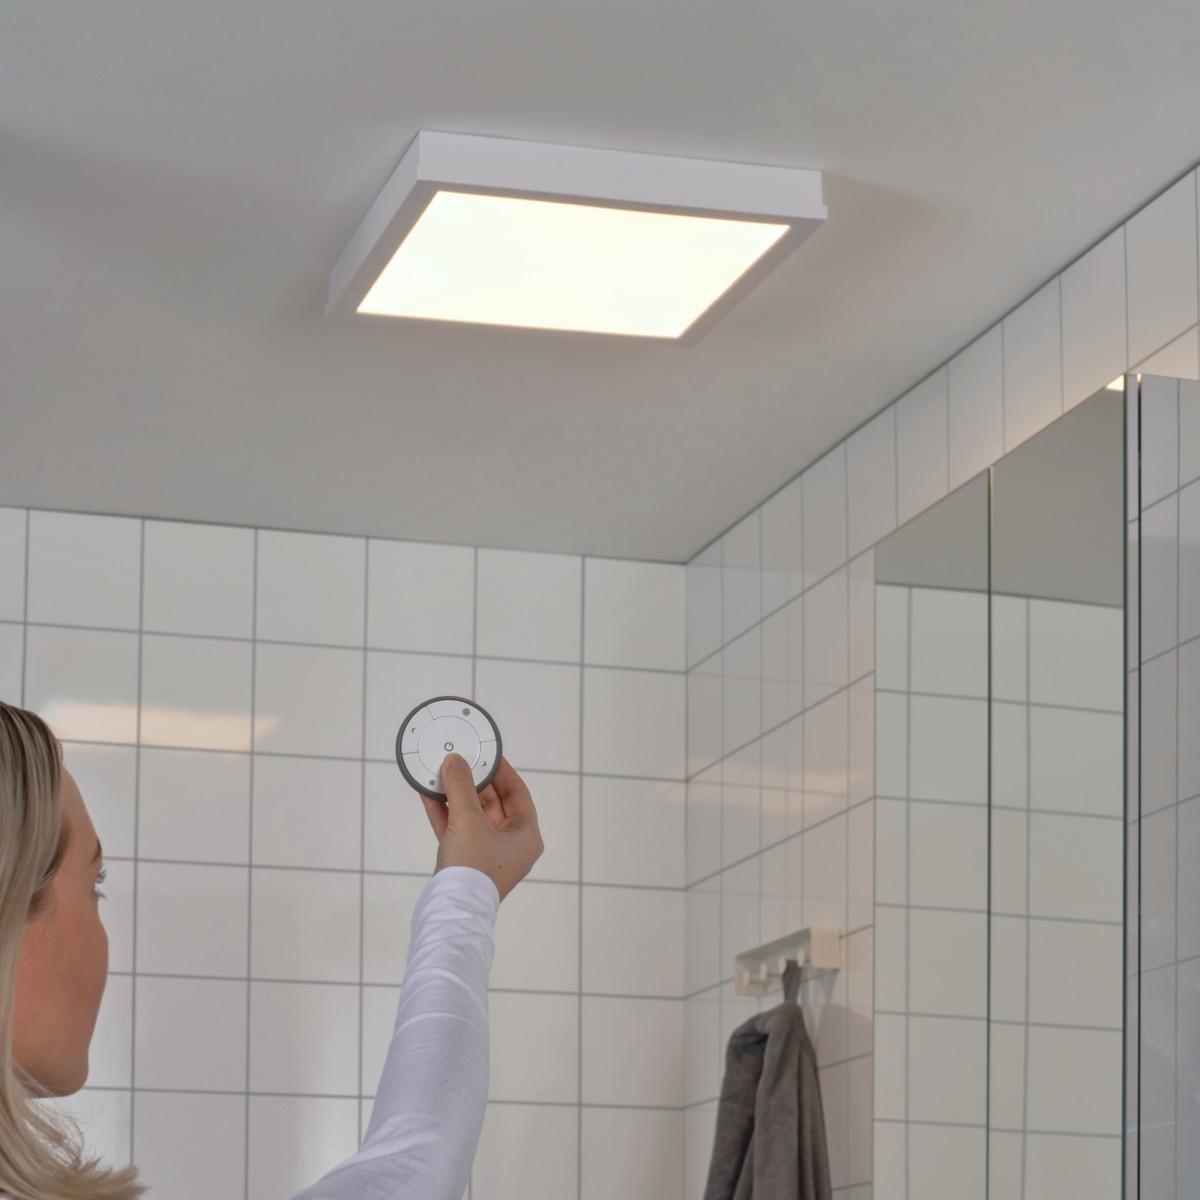 Full Size of Deckenlampe Ikea Beginnt Mit Dem Verkauf Der Smarten Gunnarp Deckenleuchten Schlafzimmer Modulküche Deckenlampen Wohnzimmer Modern Bad Für Betten Bei Küche Wohnzimmer Deckenlampe Ikea